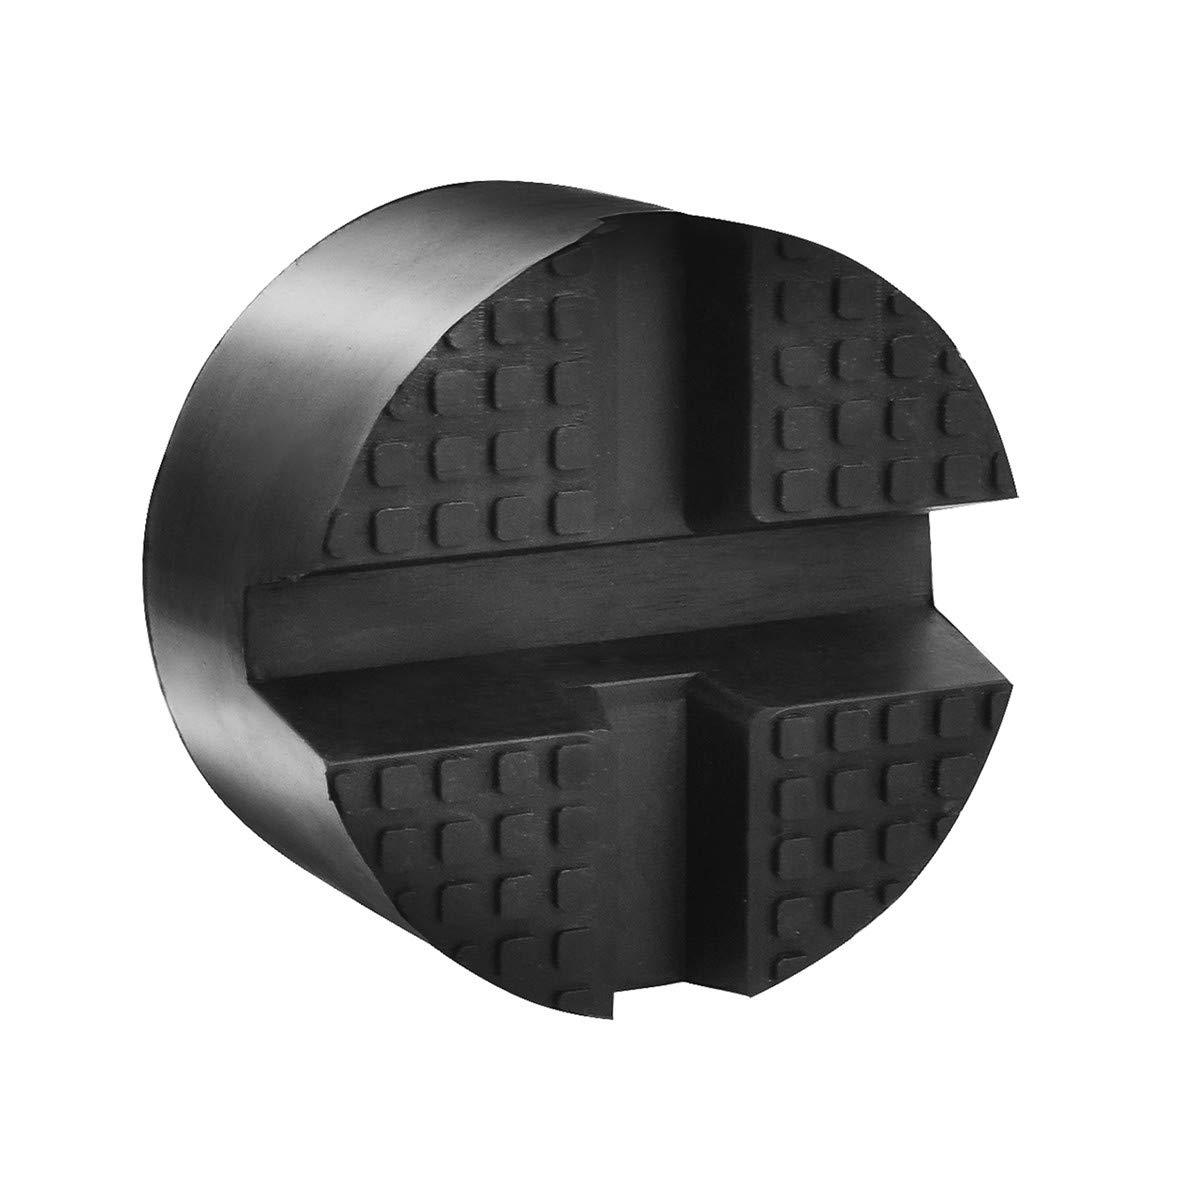 Adaptateur Coussinet Protection Bas de Caisse de Voiture Outil Accessoire pour Crics de Levage DEDC Jack Pad Bloc de Cric en Caoutchouc